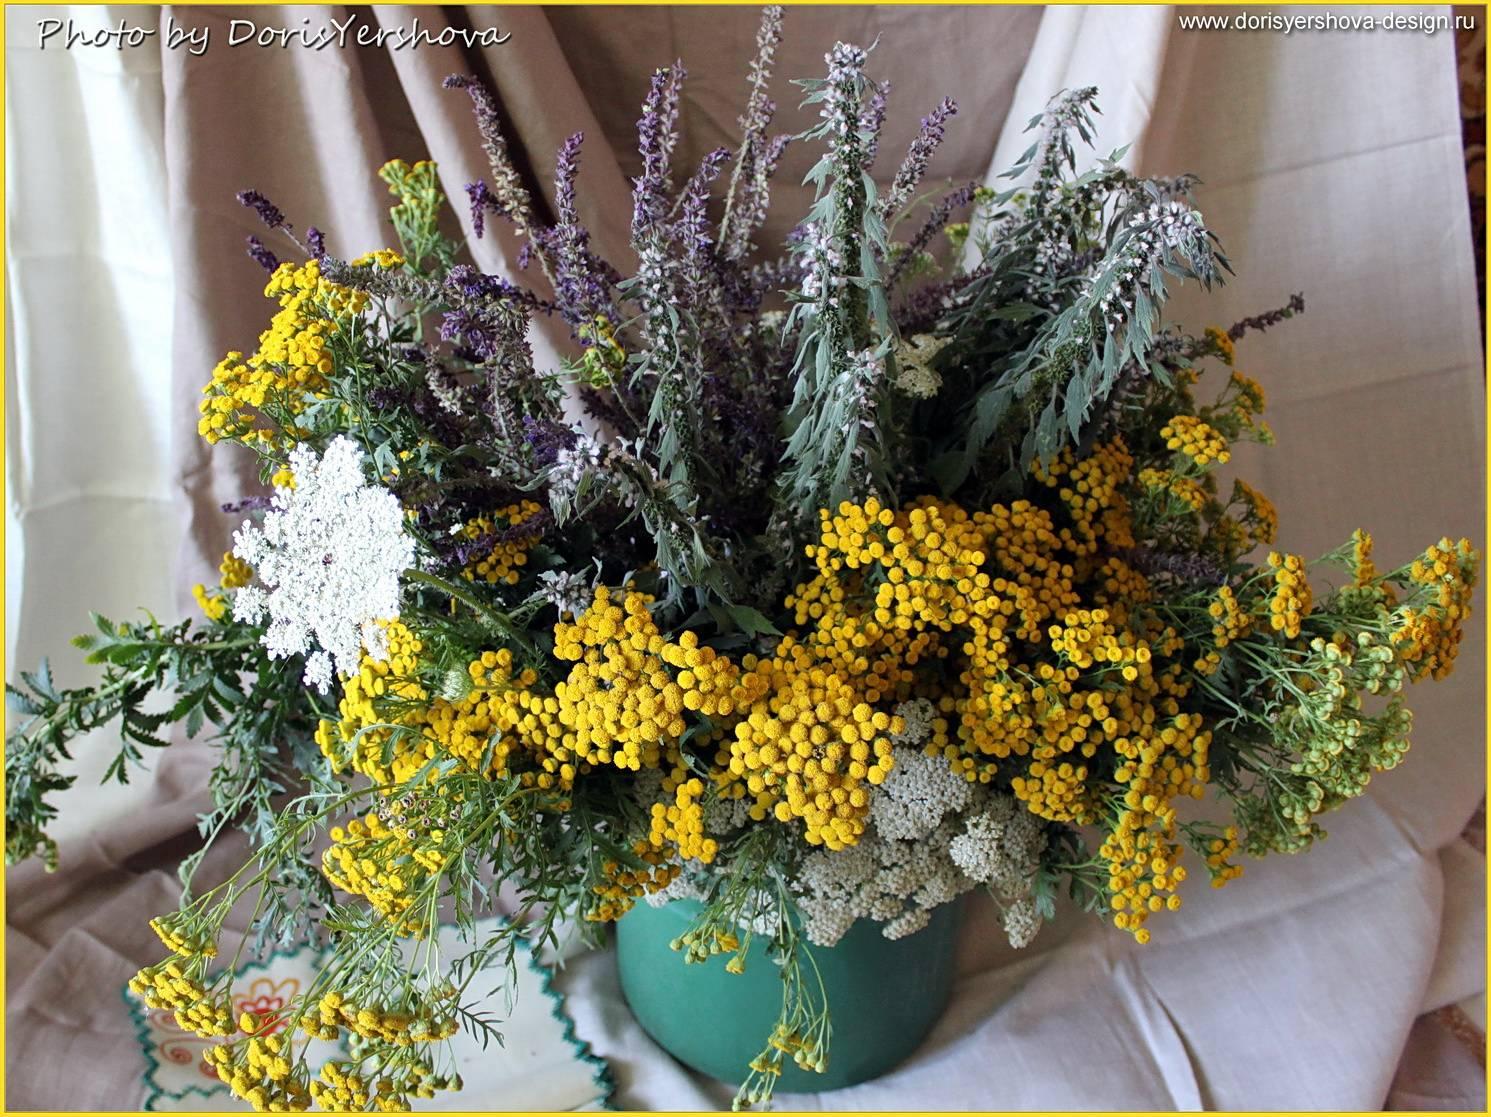 Комнатные растения для домашнего интерьера - Kashevarnya